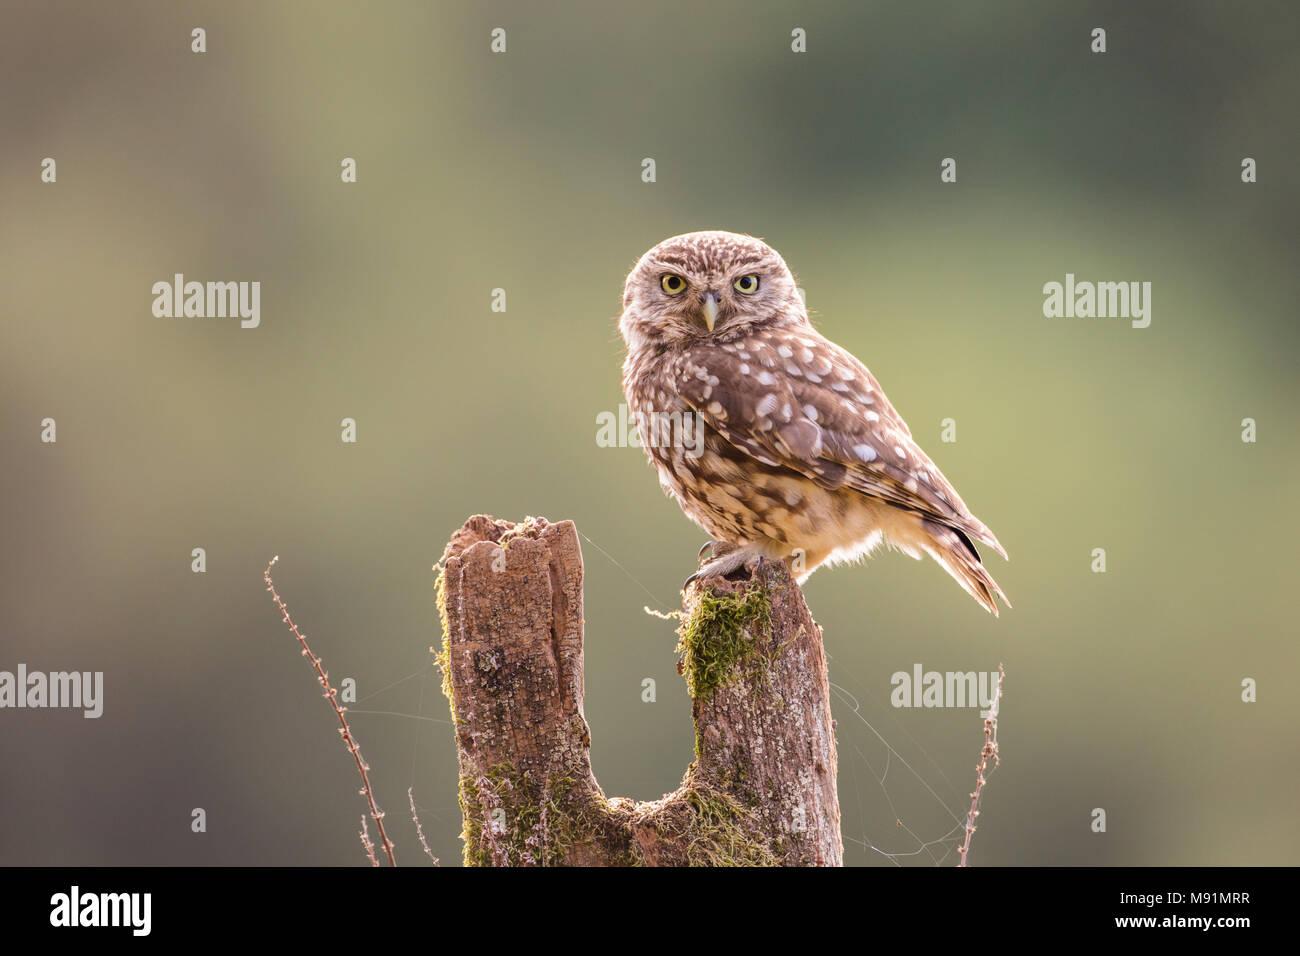 Piccolo gufo appollaiato su un palo di legno. Guardare dritto verso la fotocamera e con dei bei retroilluminazione Immagini Stock